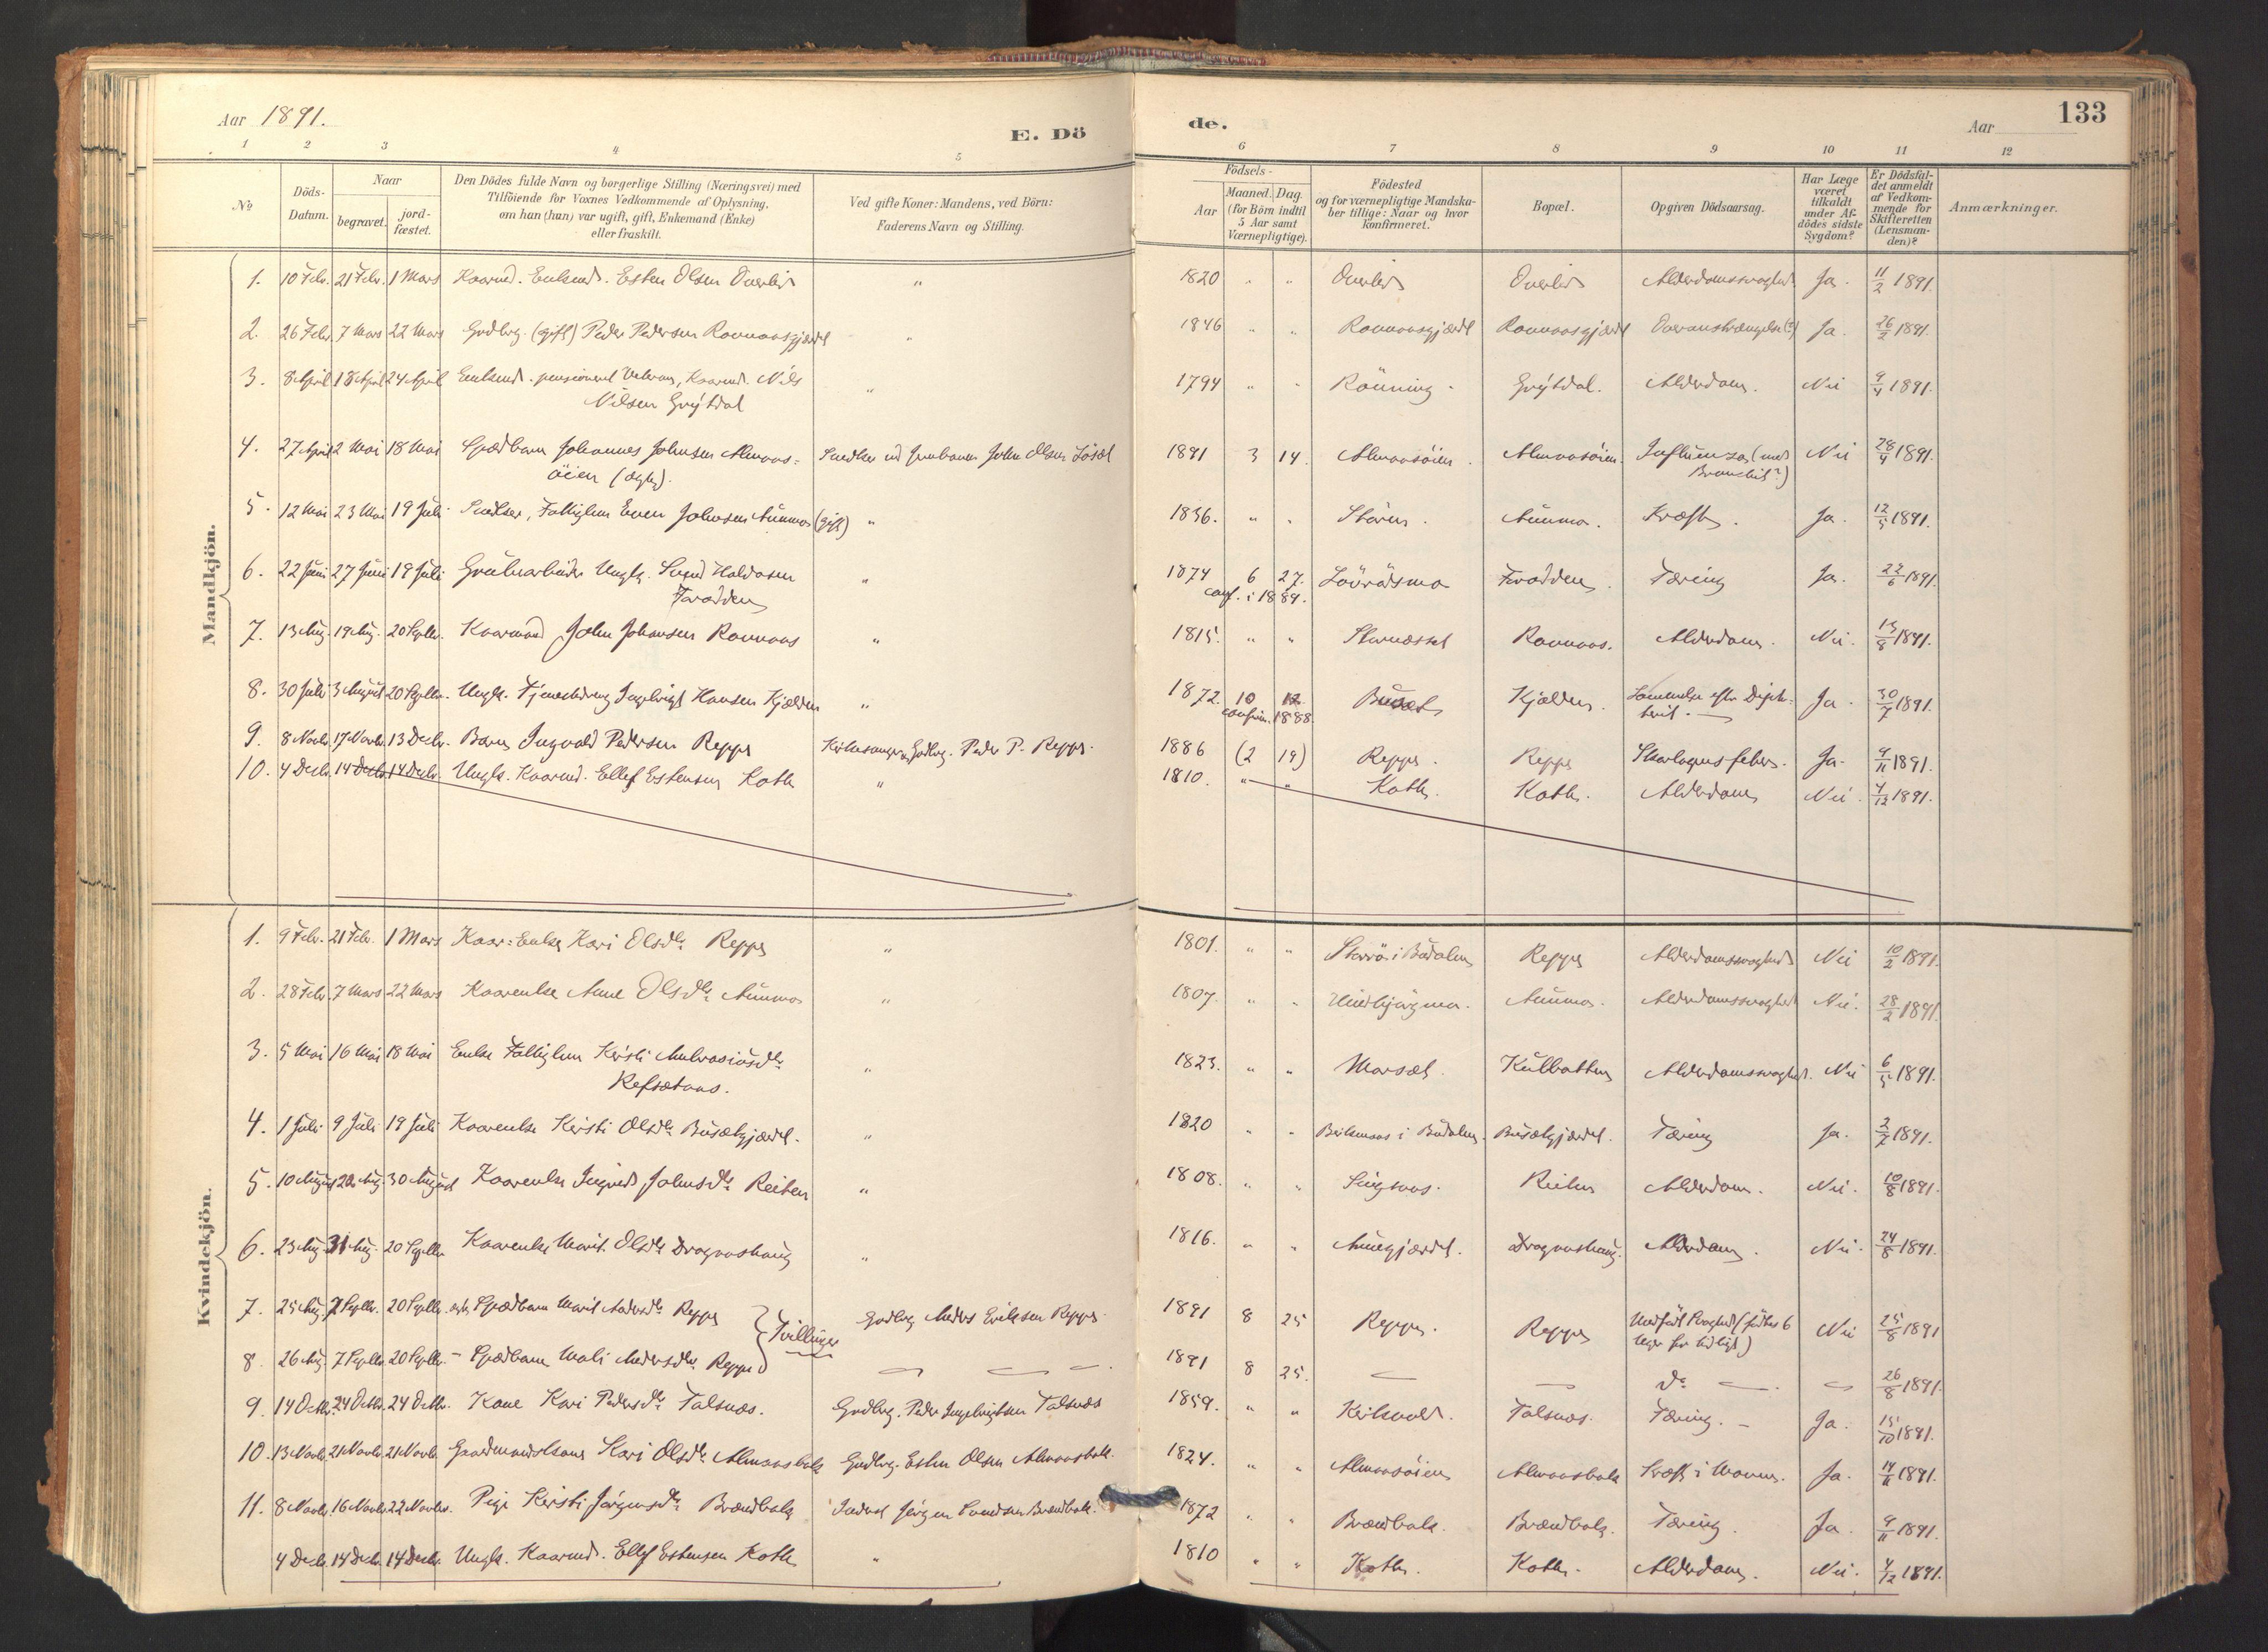 SAT, Ministerialprotokoller, klokkerbøker og fødselsregistre - Sør-Trøndelag, 688/L1025: Ministerialbok nr. 688A02, 1891-1909, s. 133